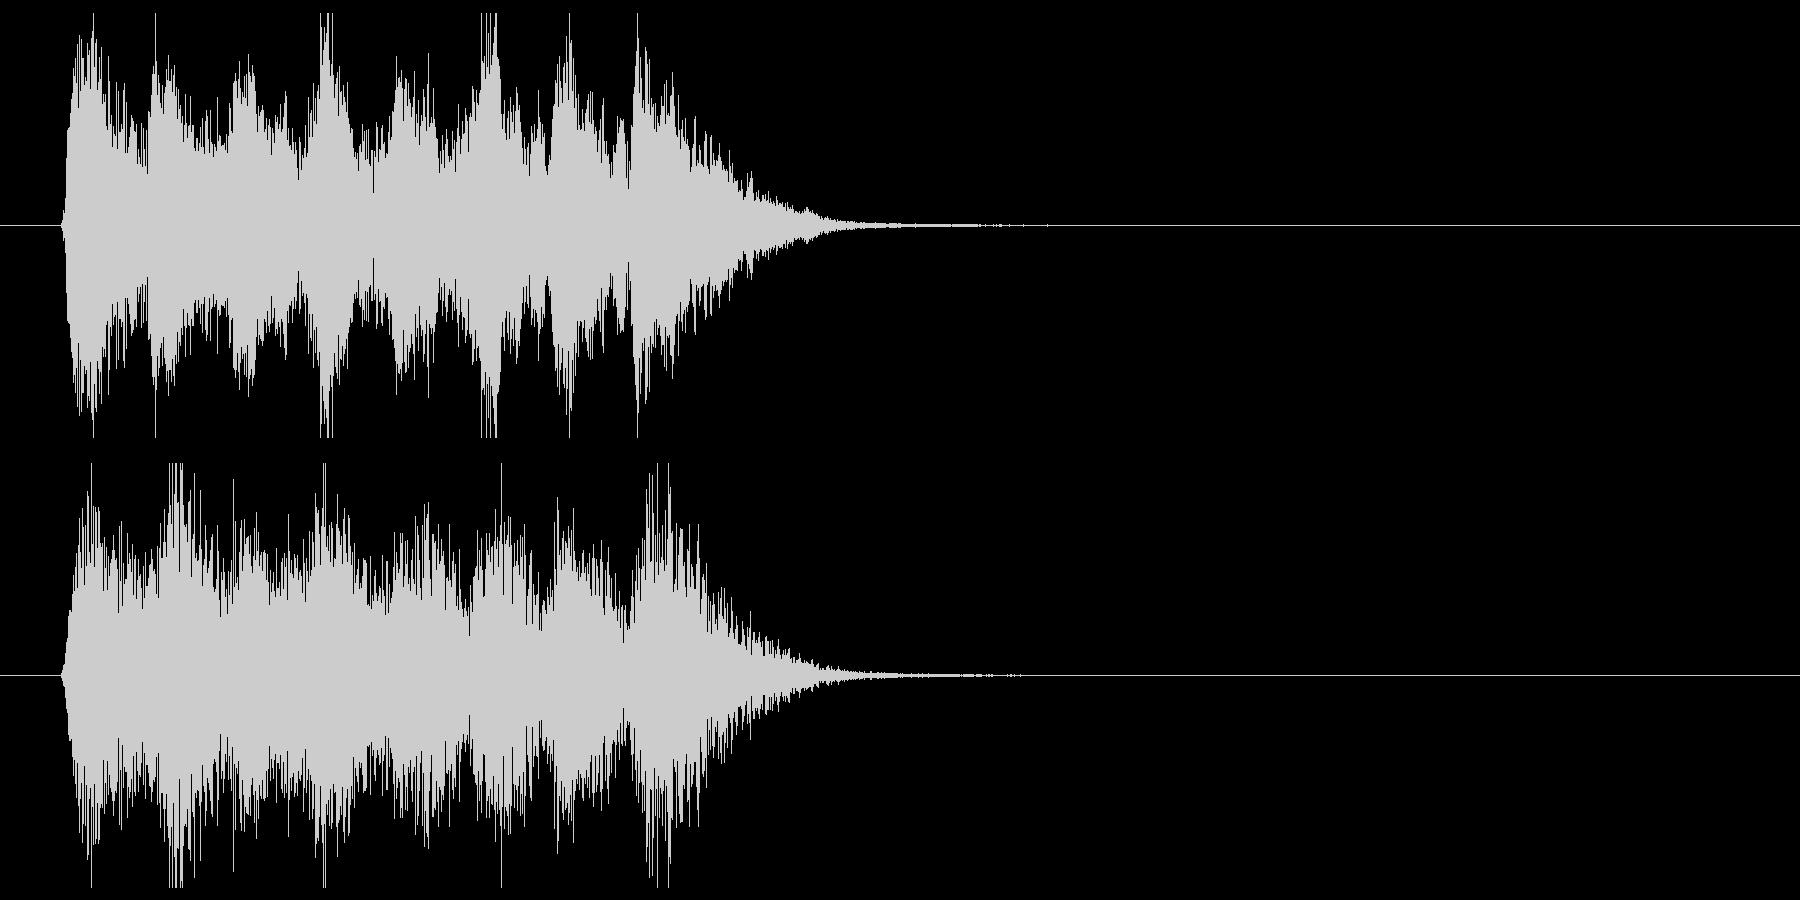 テンションコードのオーケストラジングルの未再生の波形